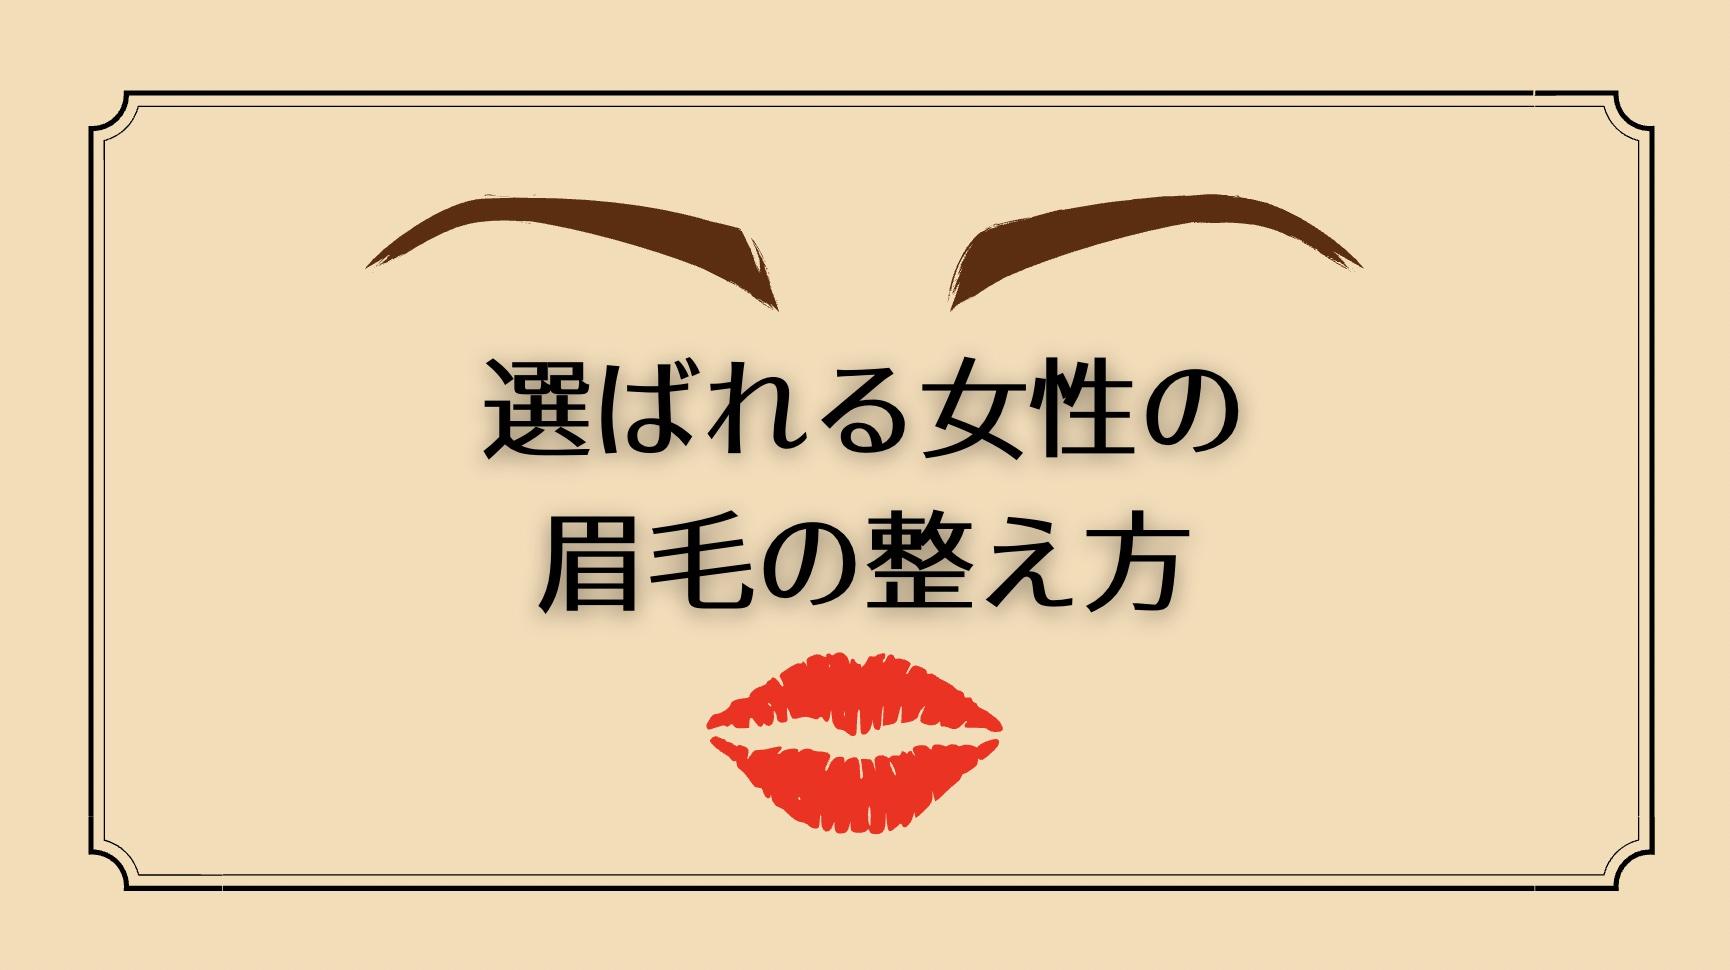 選ばれる女性になるための【眉毛の整え方】を解説します